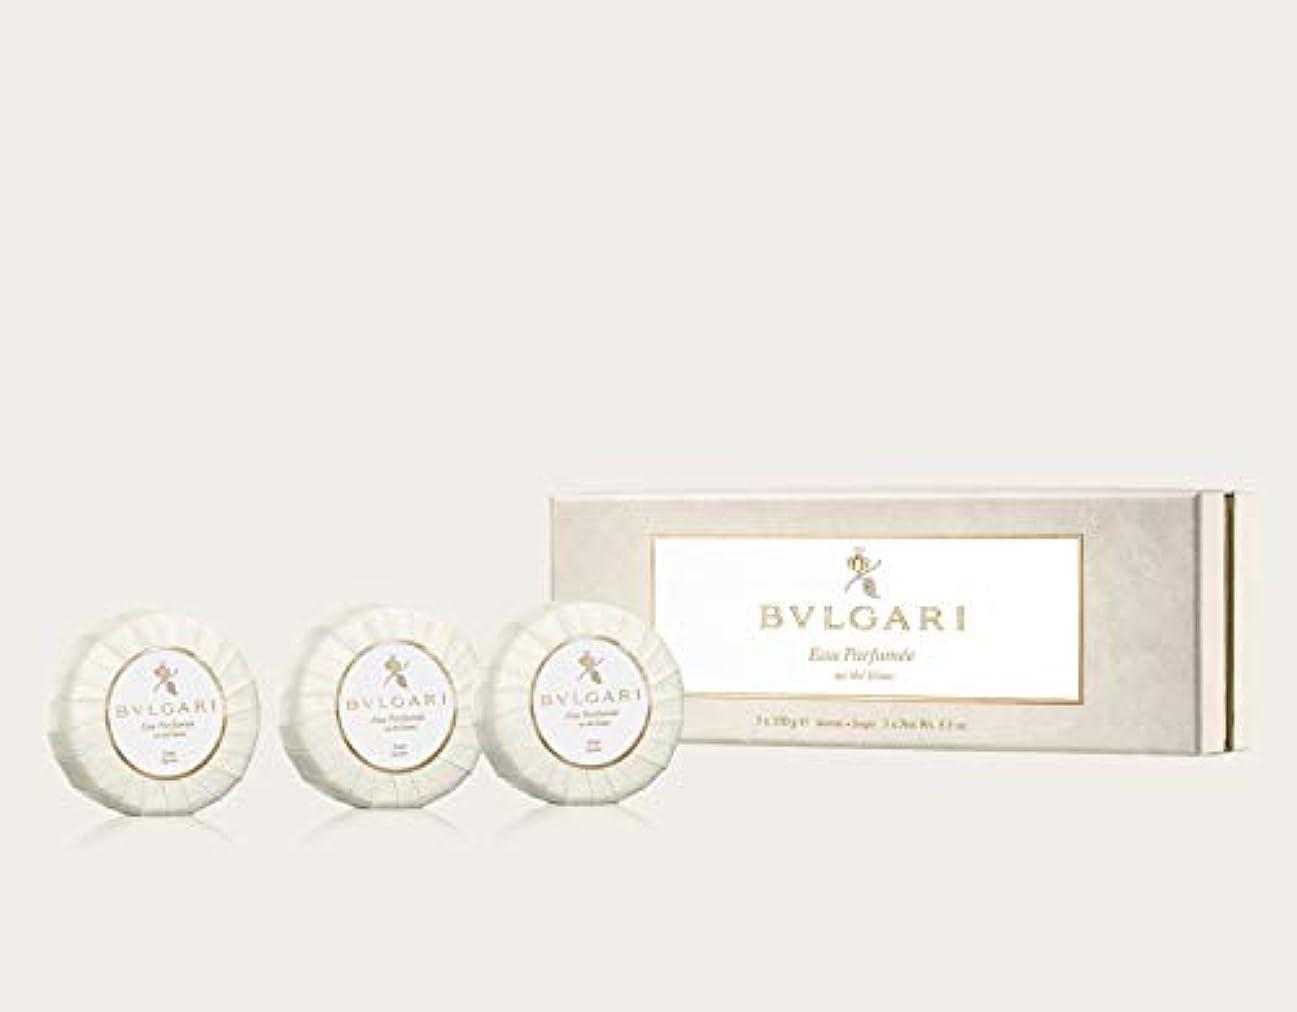 冬保守可能膨らませる[正規品]ブルガリ オ パフメ オーデブラン ソープ ギフトセット 150g × 3個 正規品